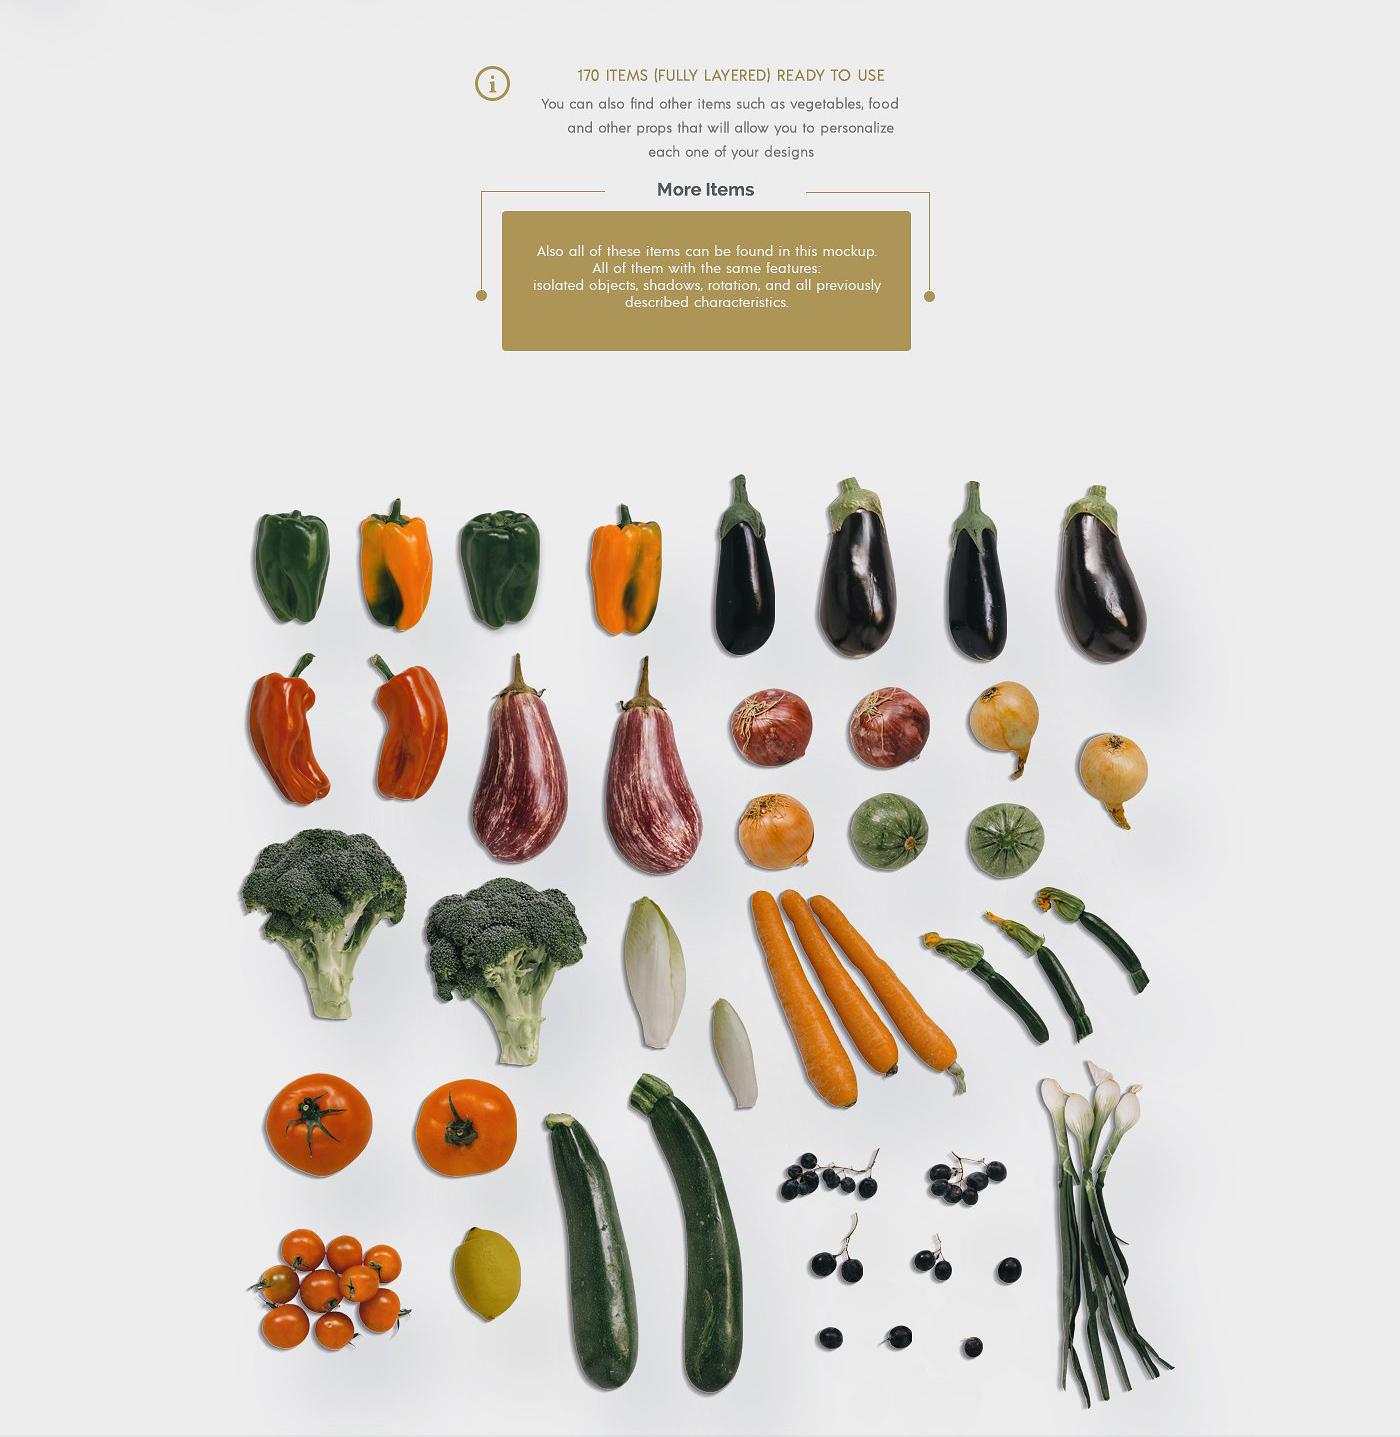 5.98G 餐饮品牌设计提案橄榄木木质餐具展示样机 Olive Wood Mock-Up Scene Generator插图(9)